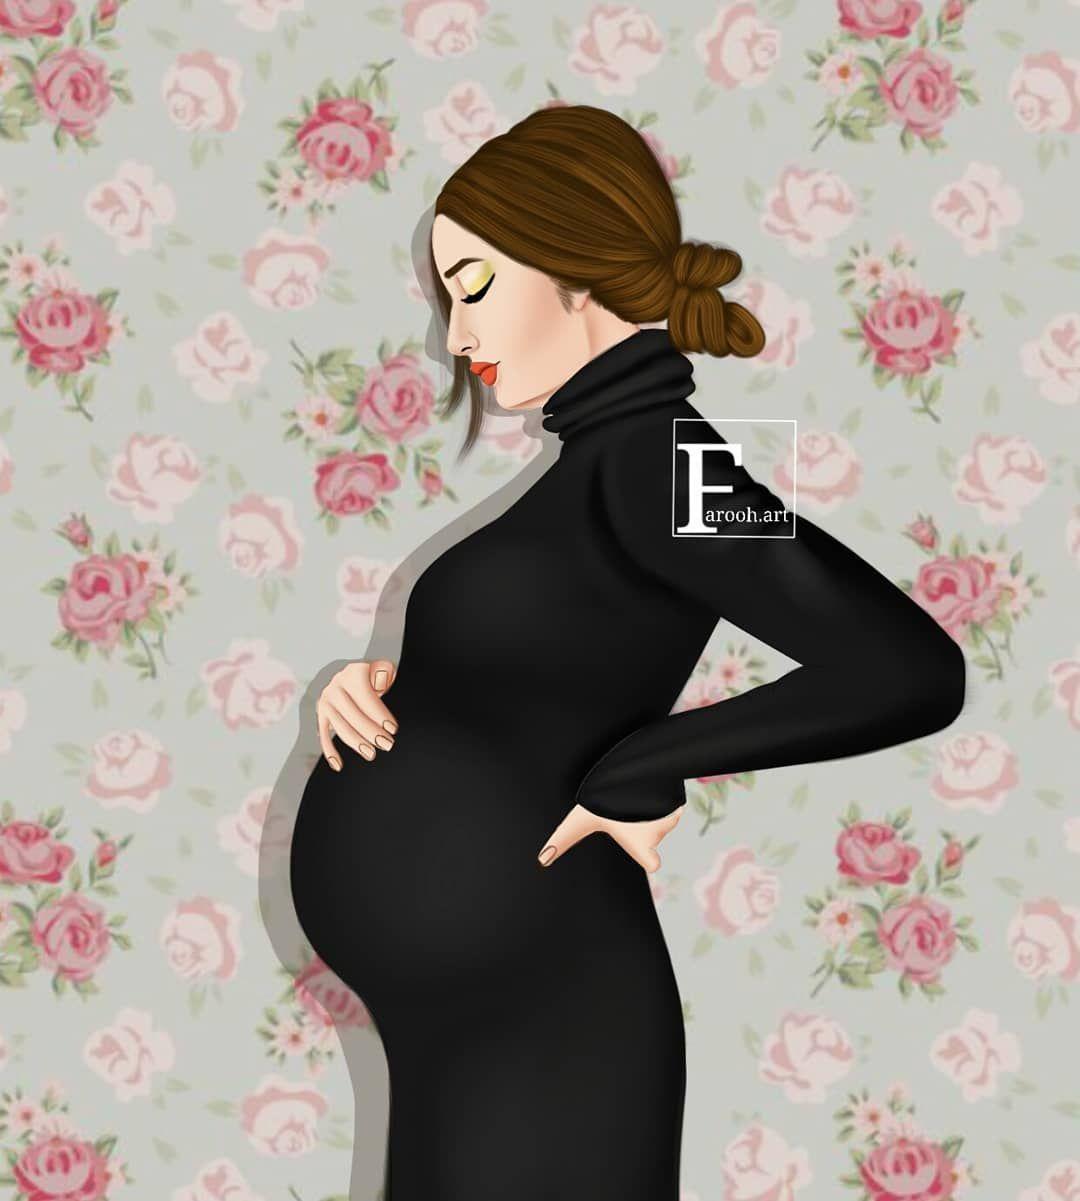 شنو اكثر اسممم بنت او ولد يعجبكم رسمتي رايكم Chica Tumblr Dibujo Ilustraciones De Chicas Madre Y Bebe